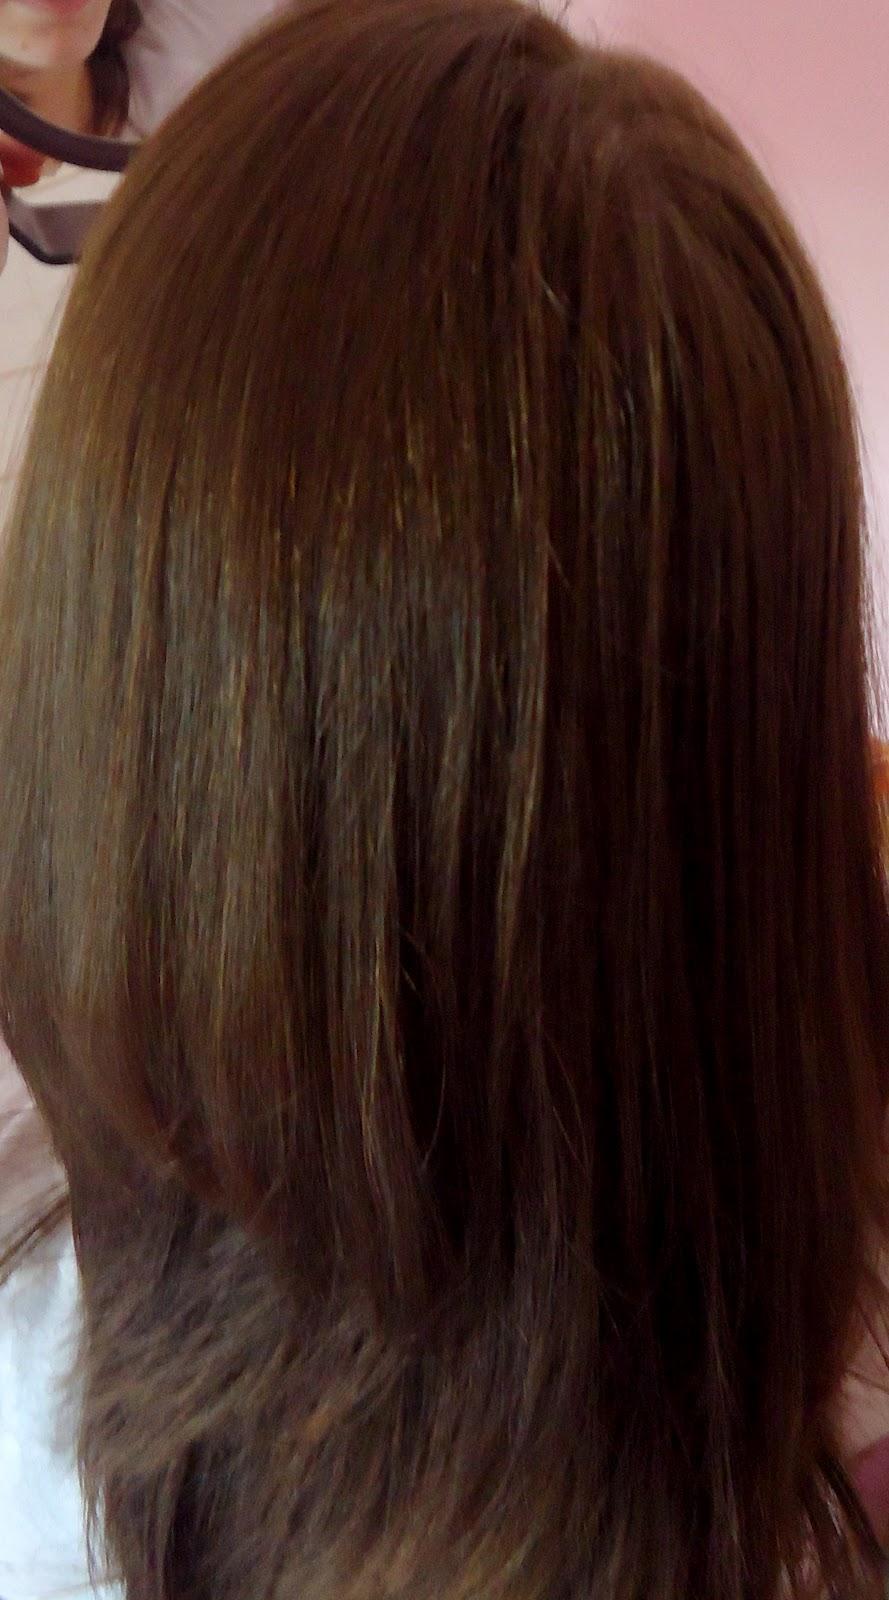 La blonde voulais tester le candaulisme - 3 part 10